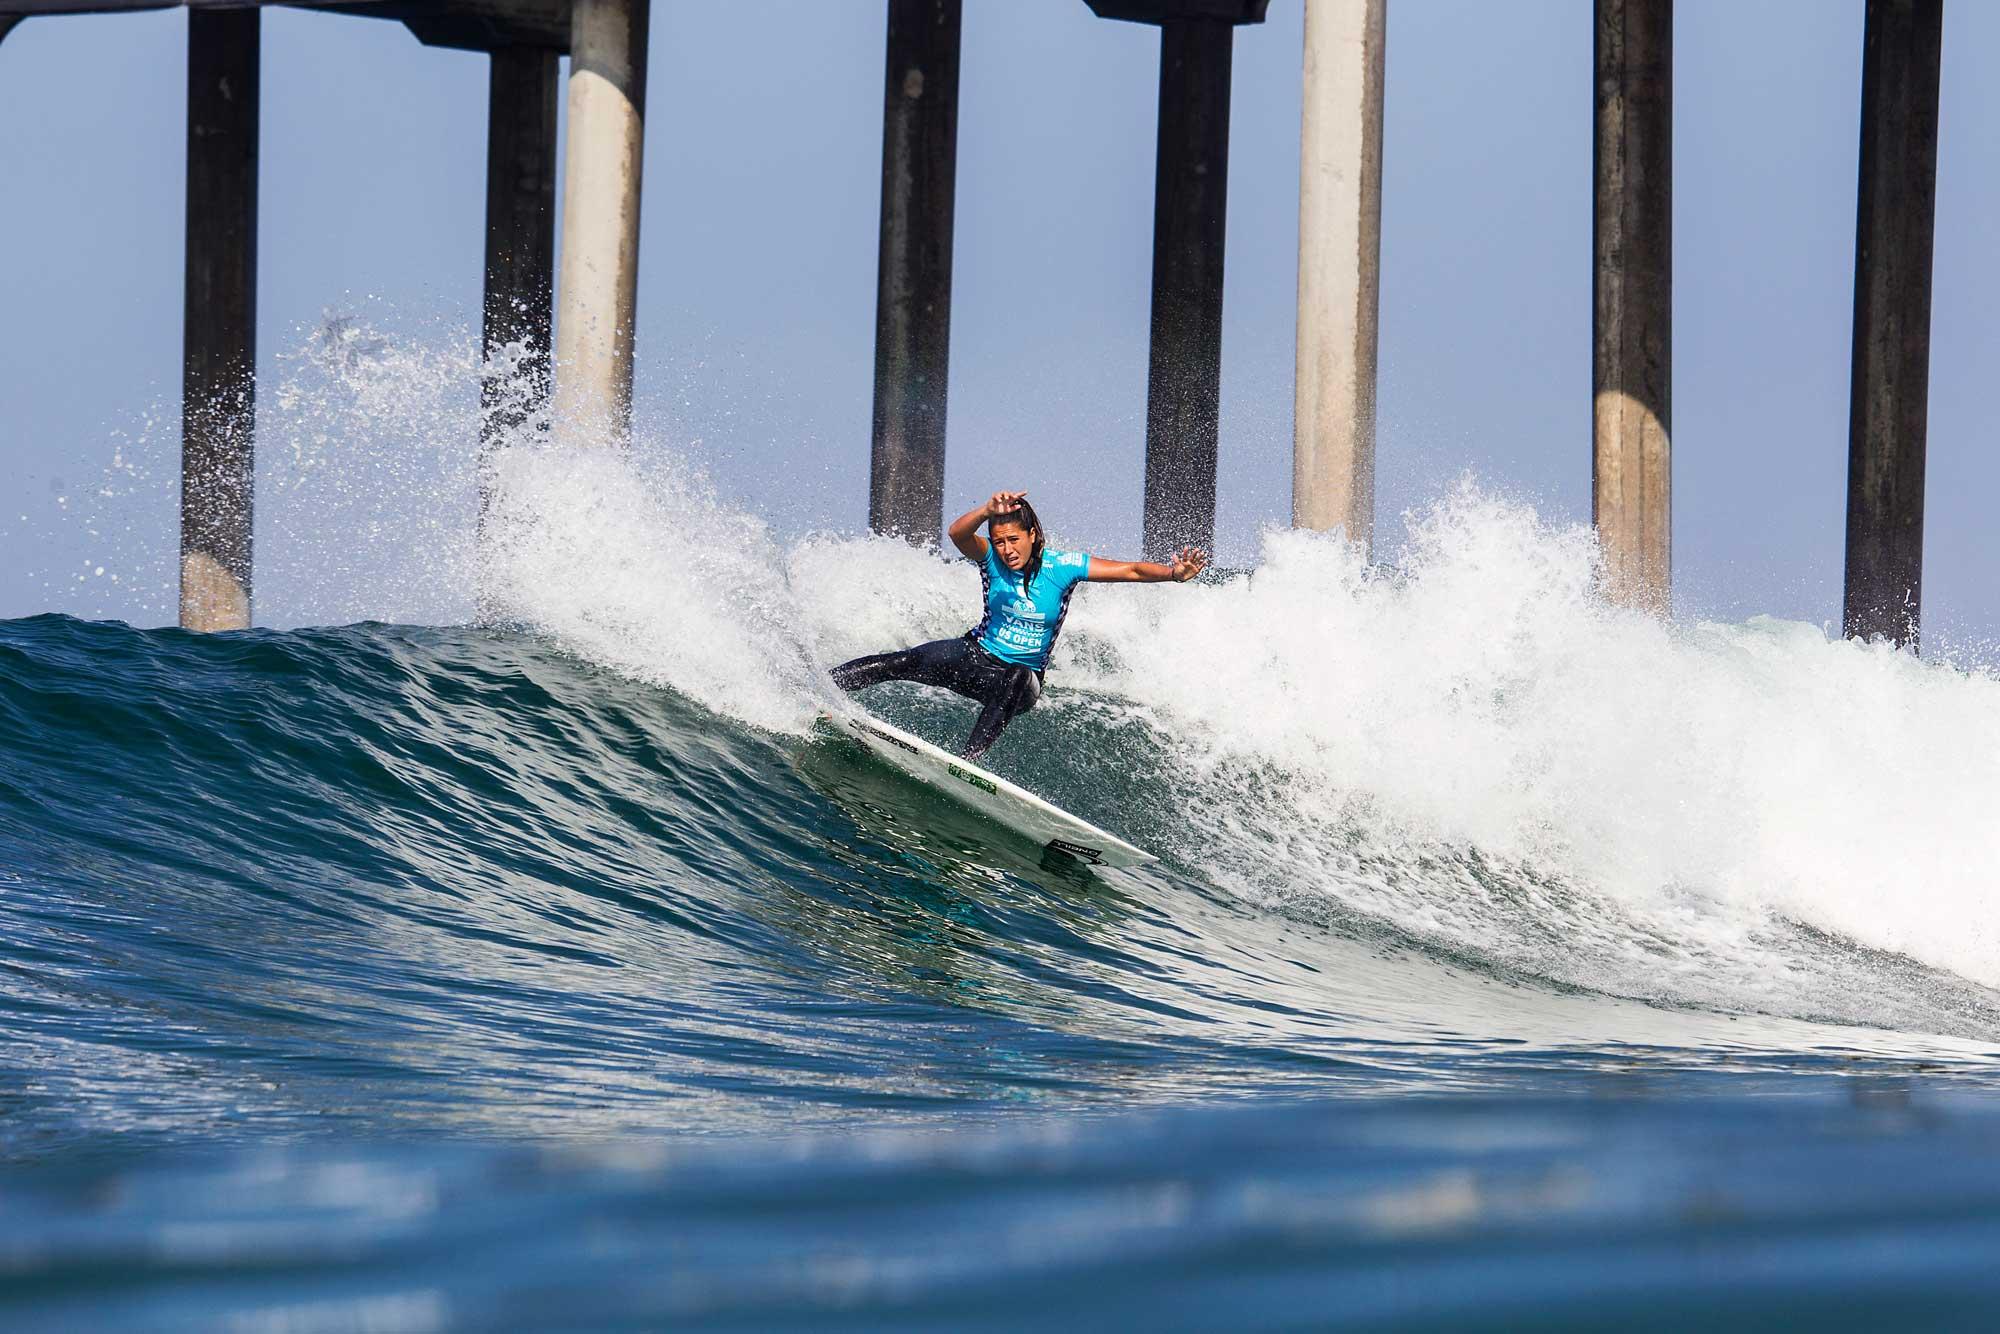 Wer nach rechts surft, geht dem Pier aus dem Weg. Wer nach links surft muss den Weg durch die Pfeiler im Hintergrund finden.